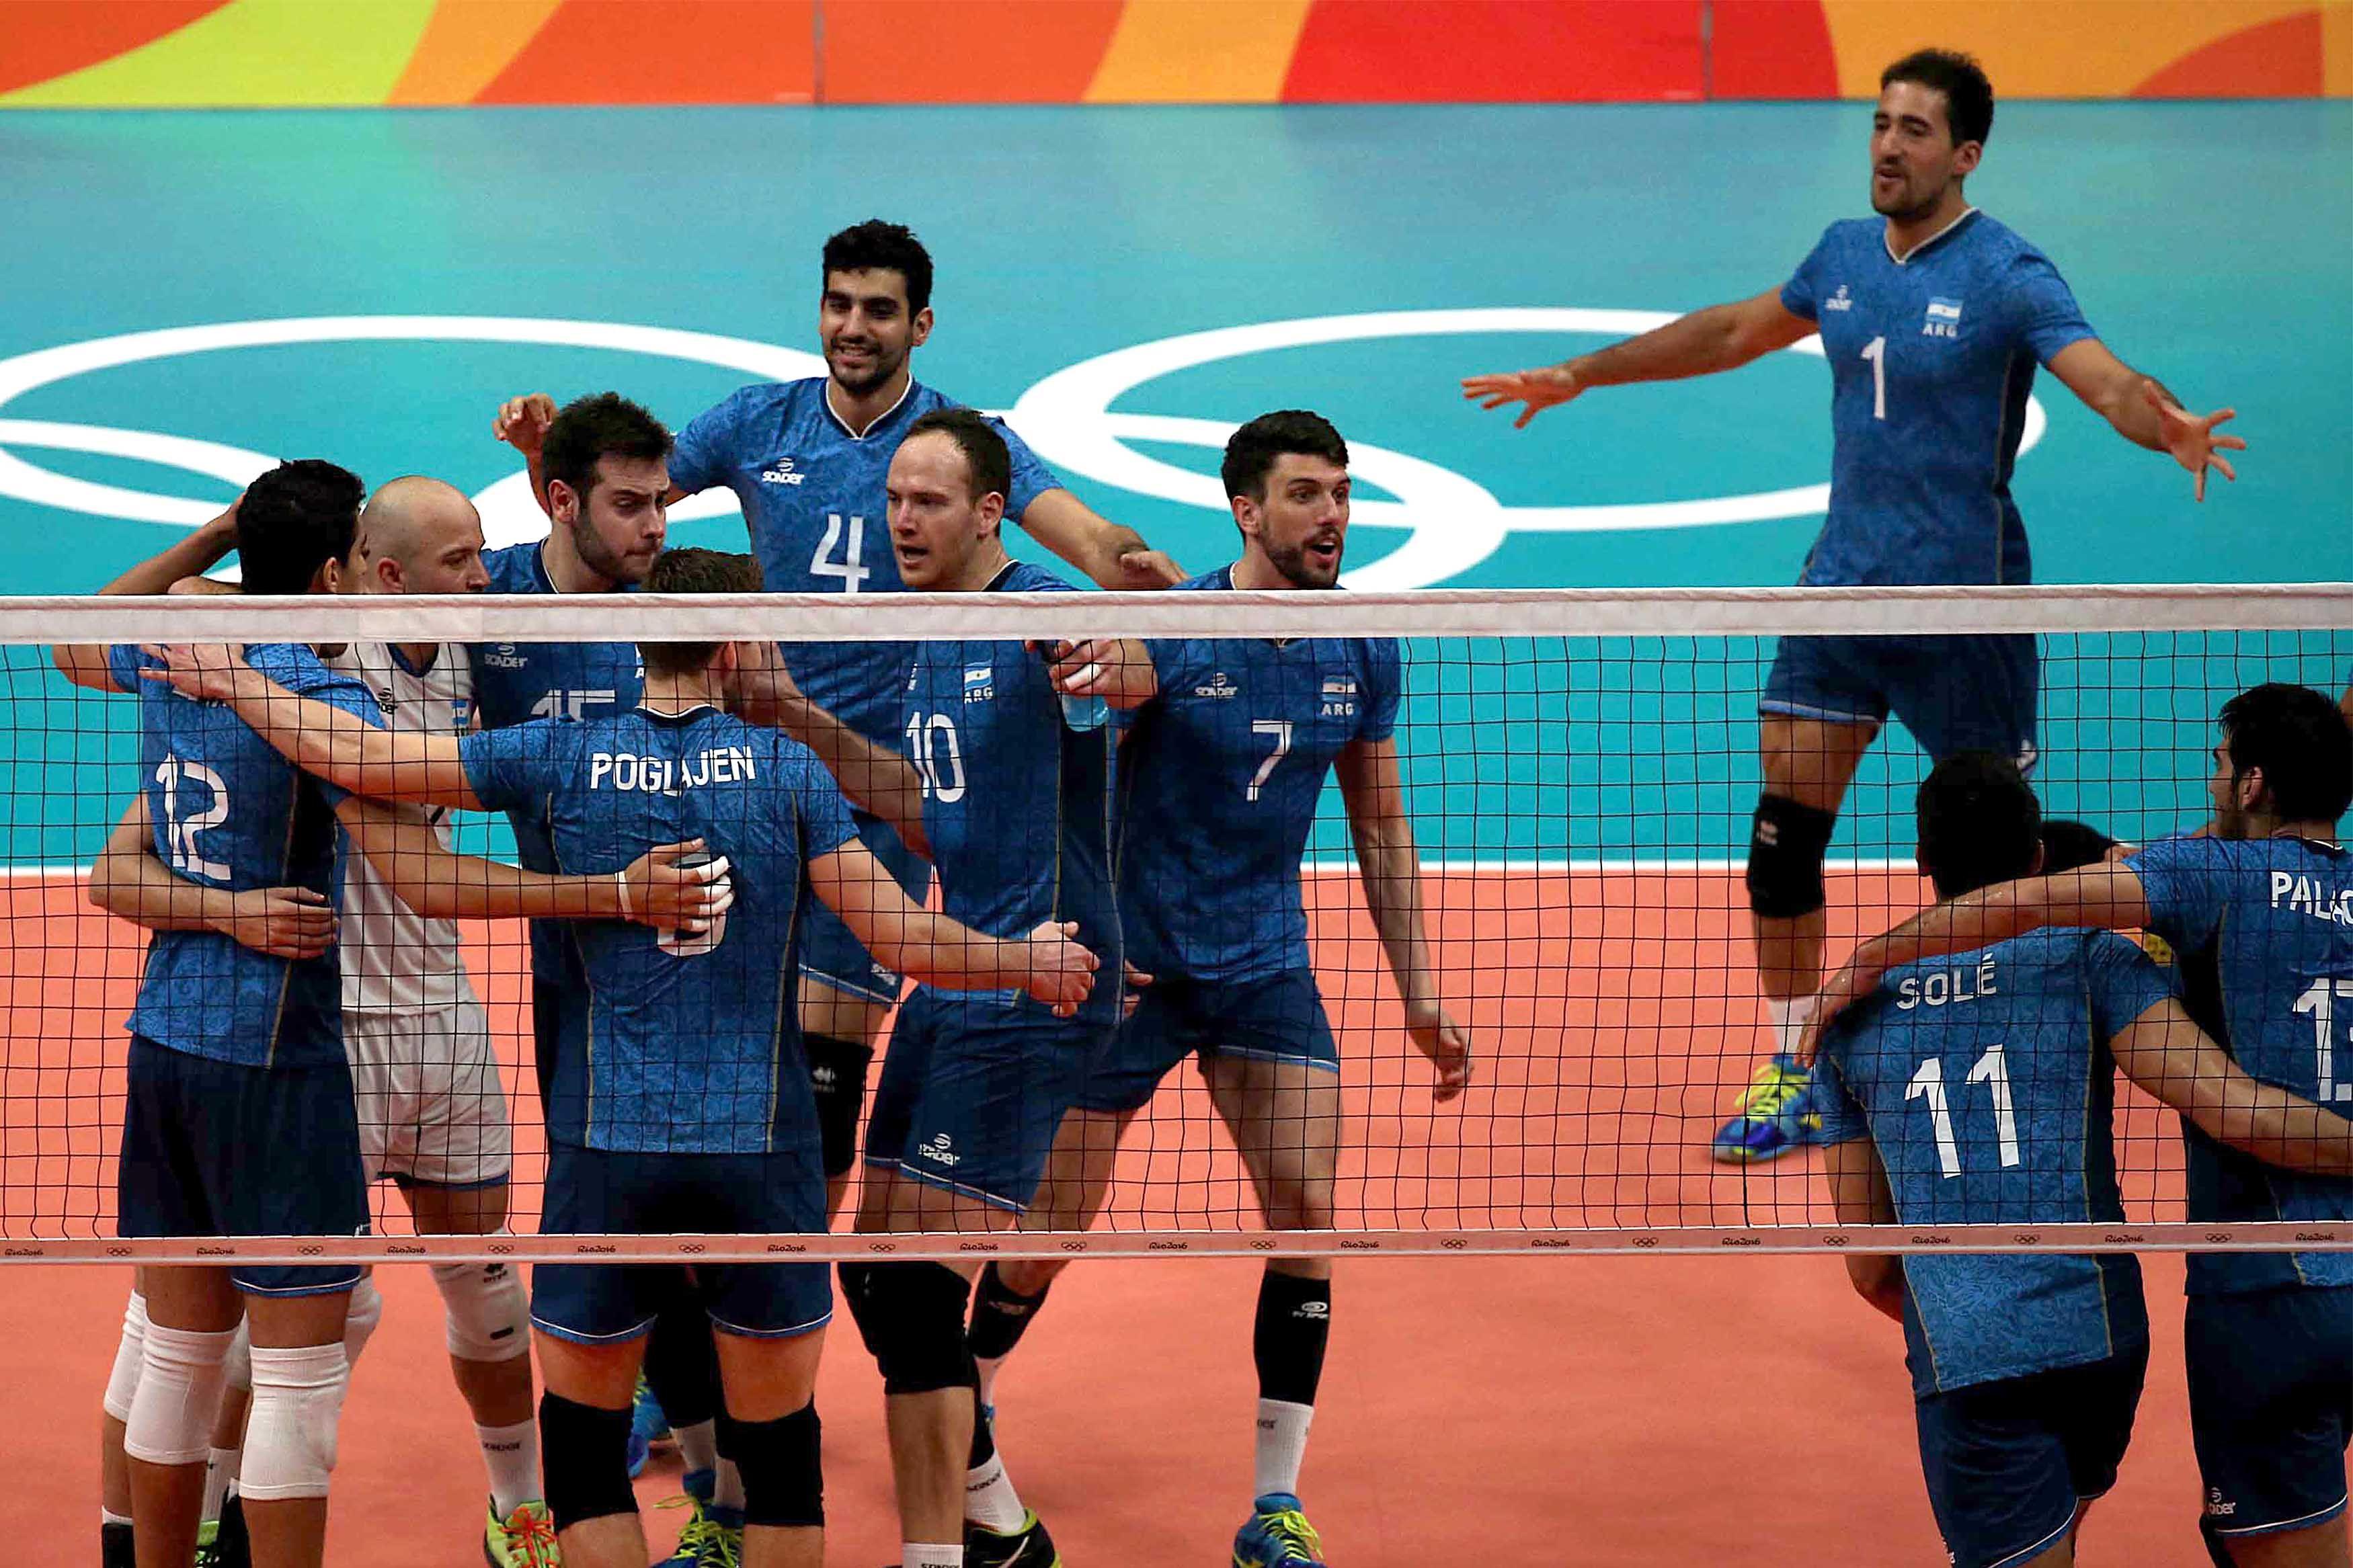 Histórico: la Selección de voley venció a Egipto y quedó primera en su grupo